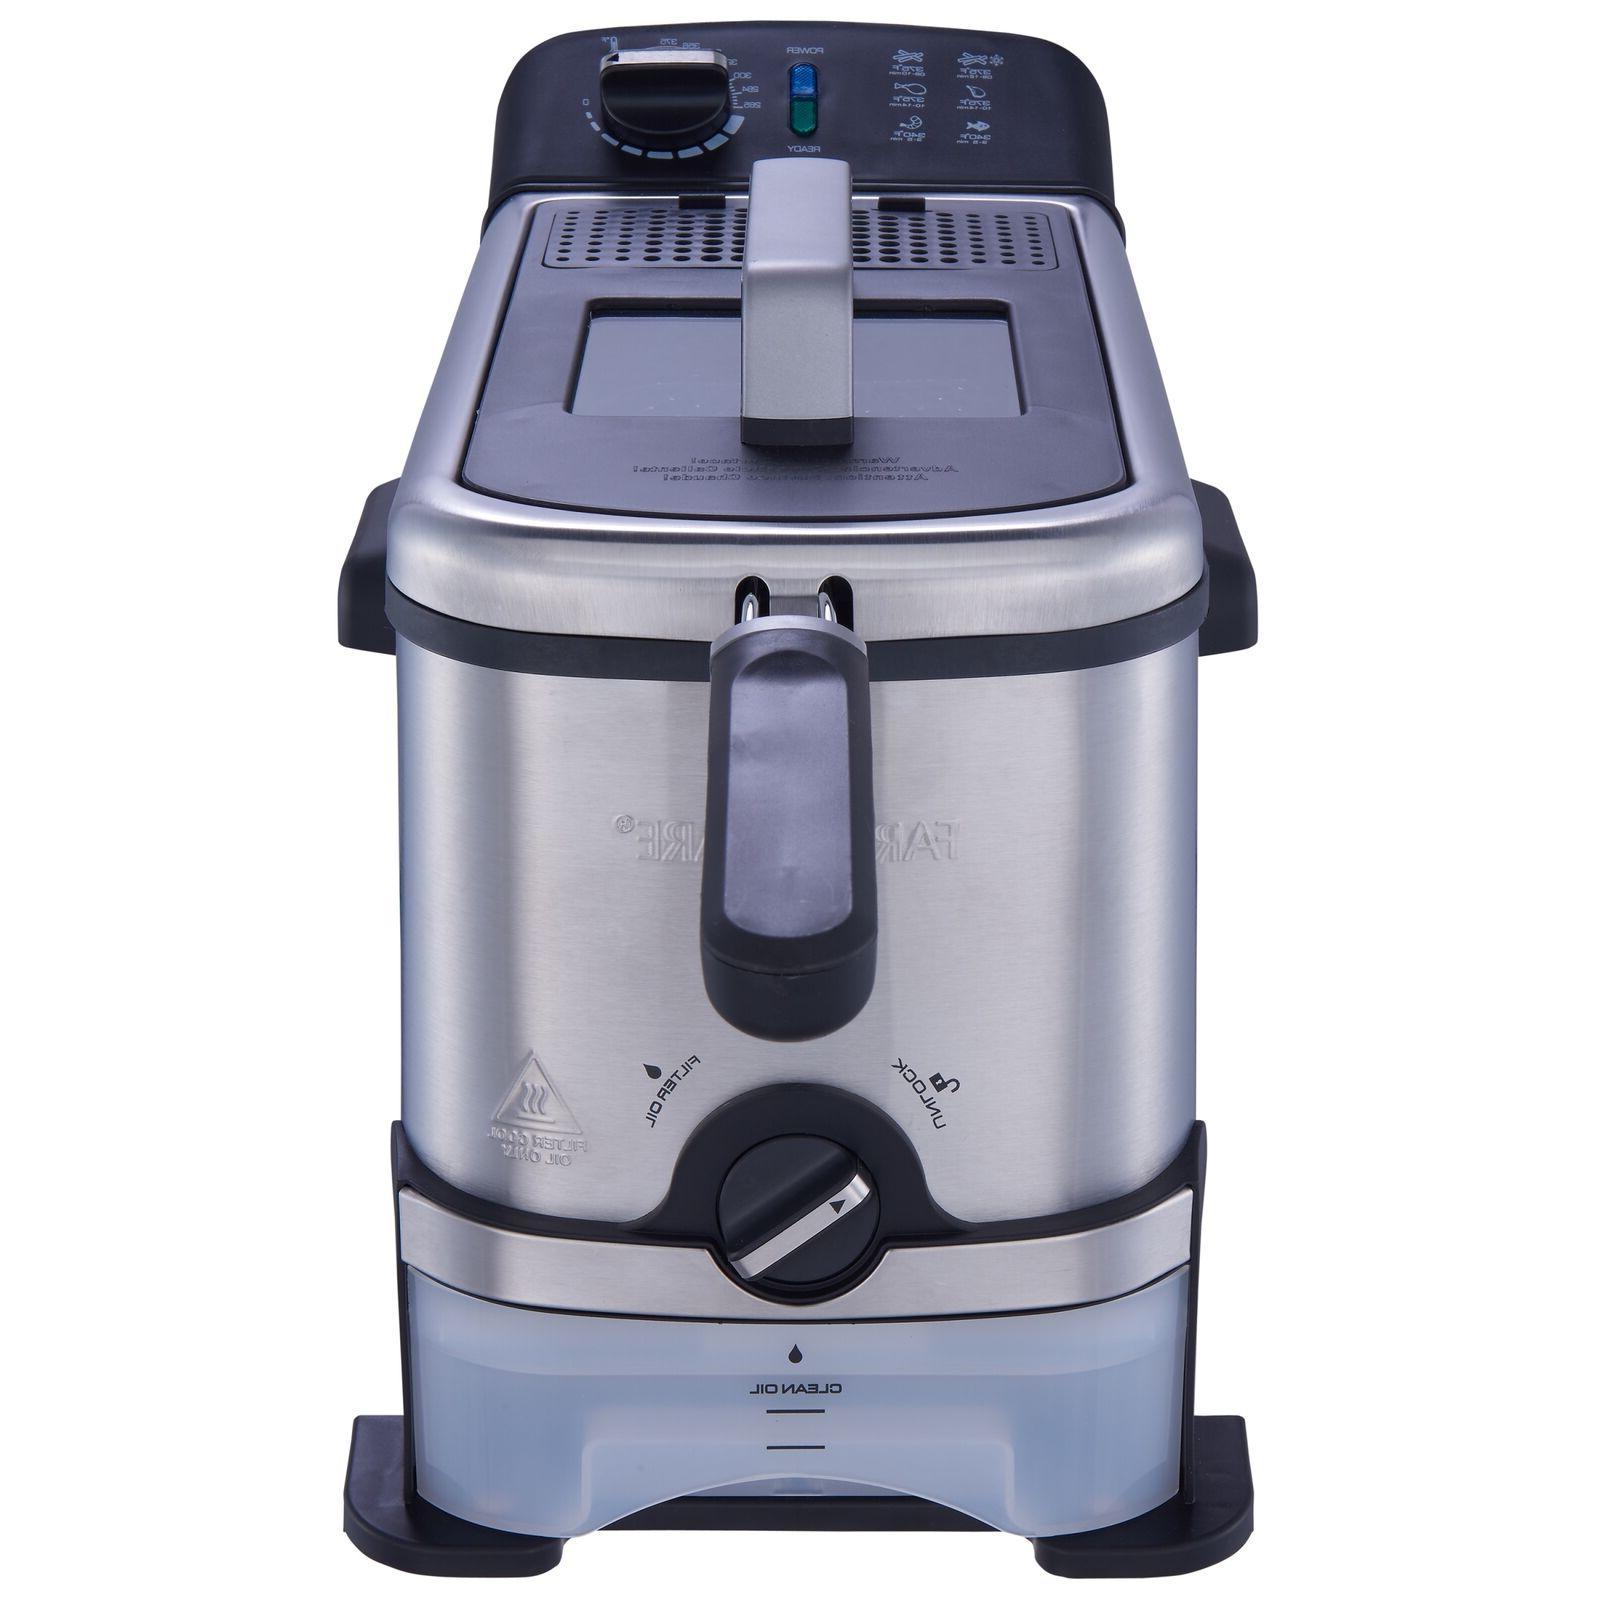 Stainless Steel Fryer 3 Liter Filtration System Silver Black Color